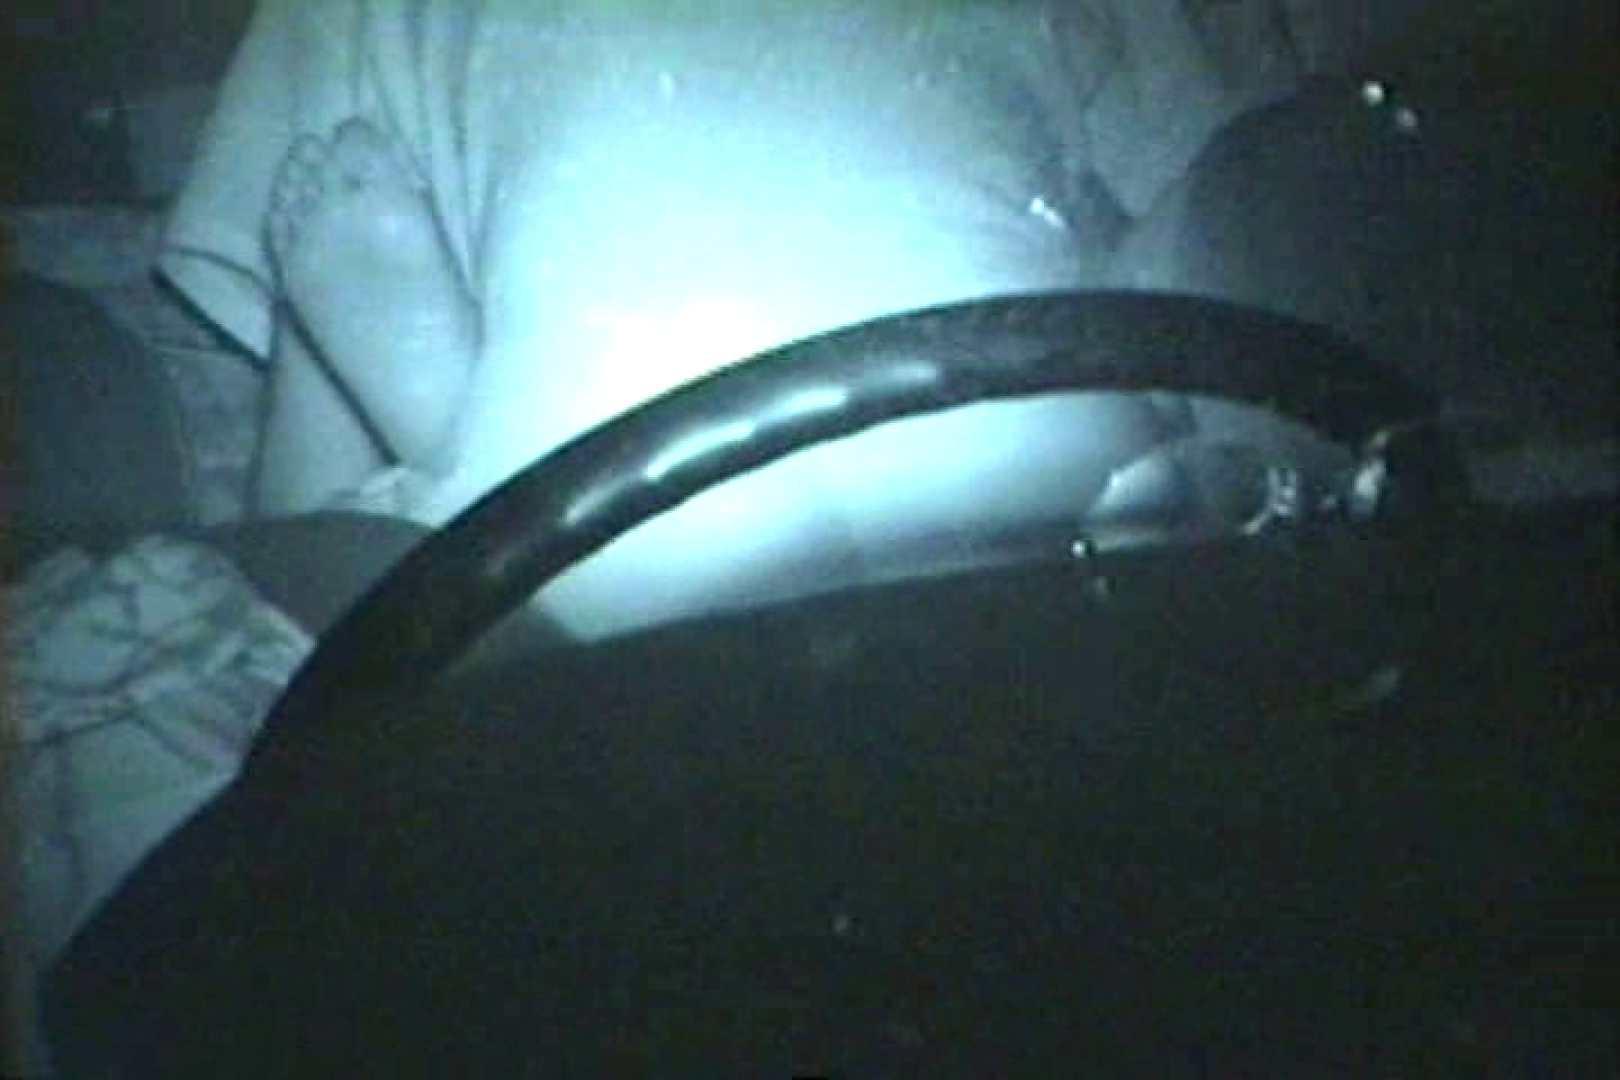 車の中はラブホテル 無修正版  Vol.23 エロいOL おまんこ無修正動画無料 29枚